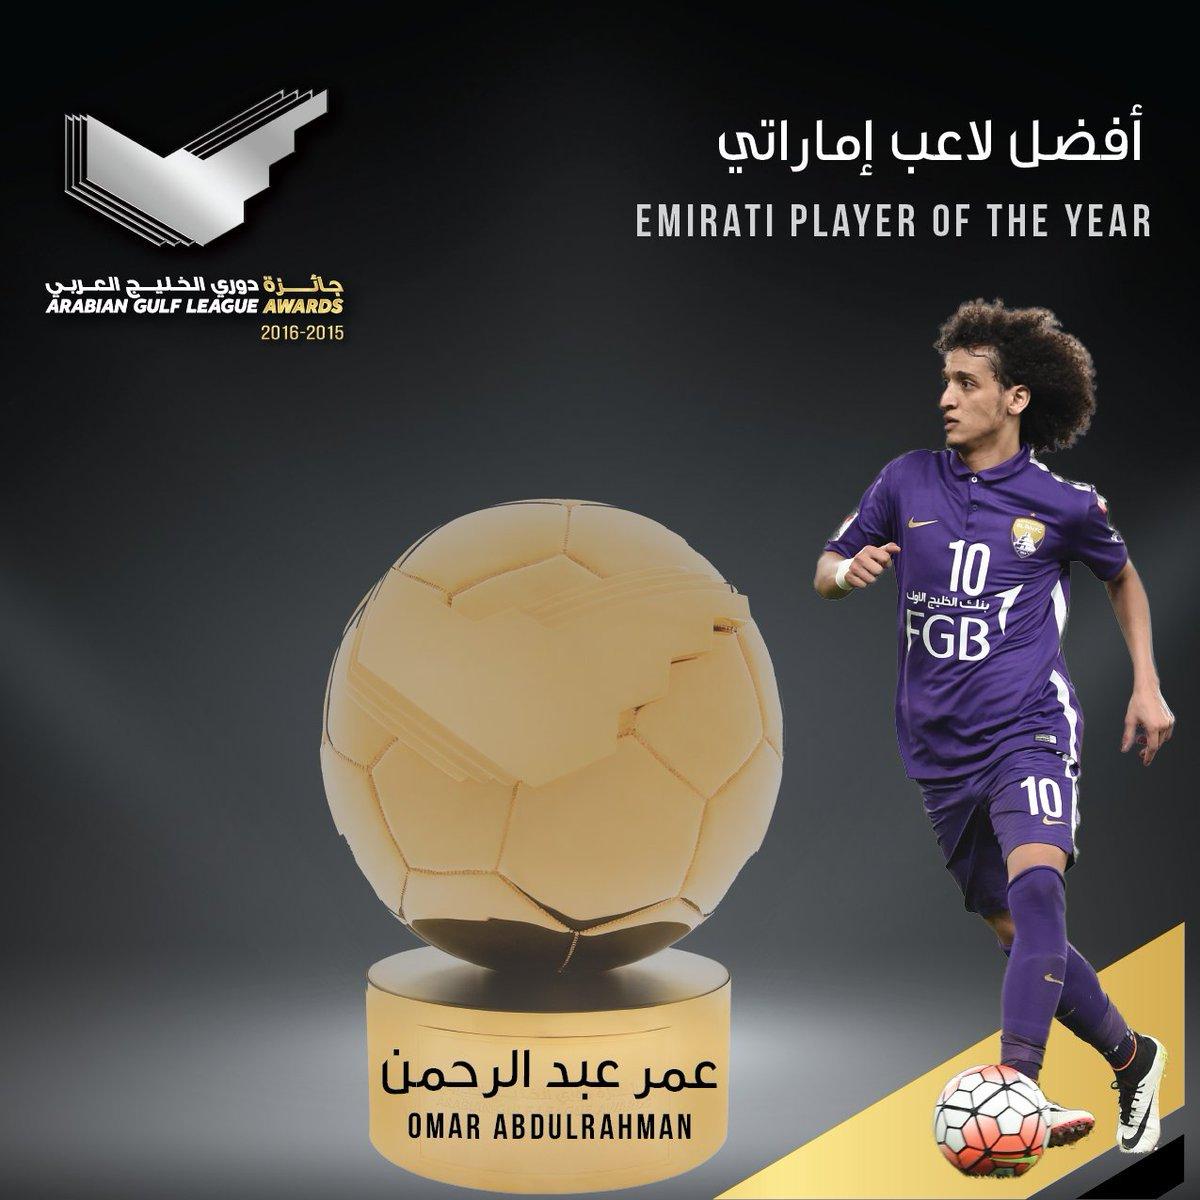 مبروك لعمر عبد الرحمن الفائز بجائزة أفضل لاعب إماراتي  #جائزة_دوري_الخليج_العربي https://t.co/SZh1txTHxH